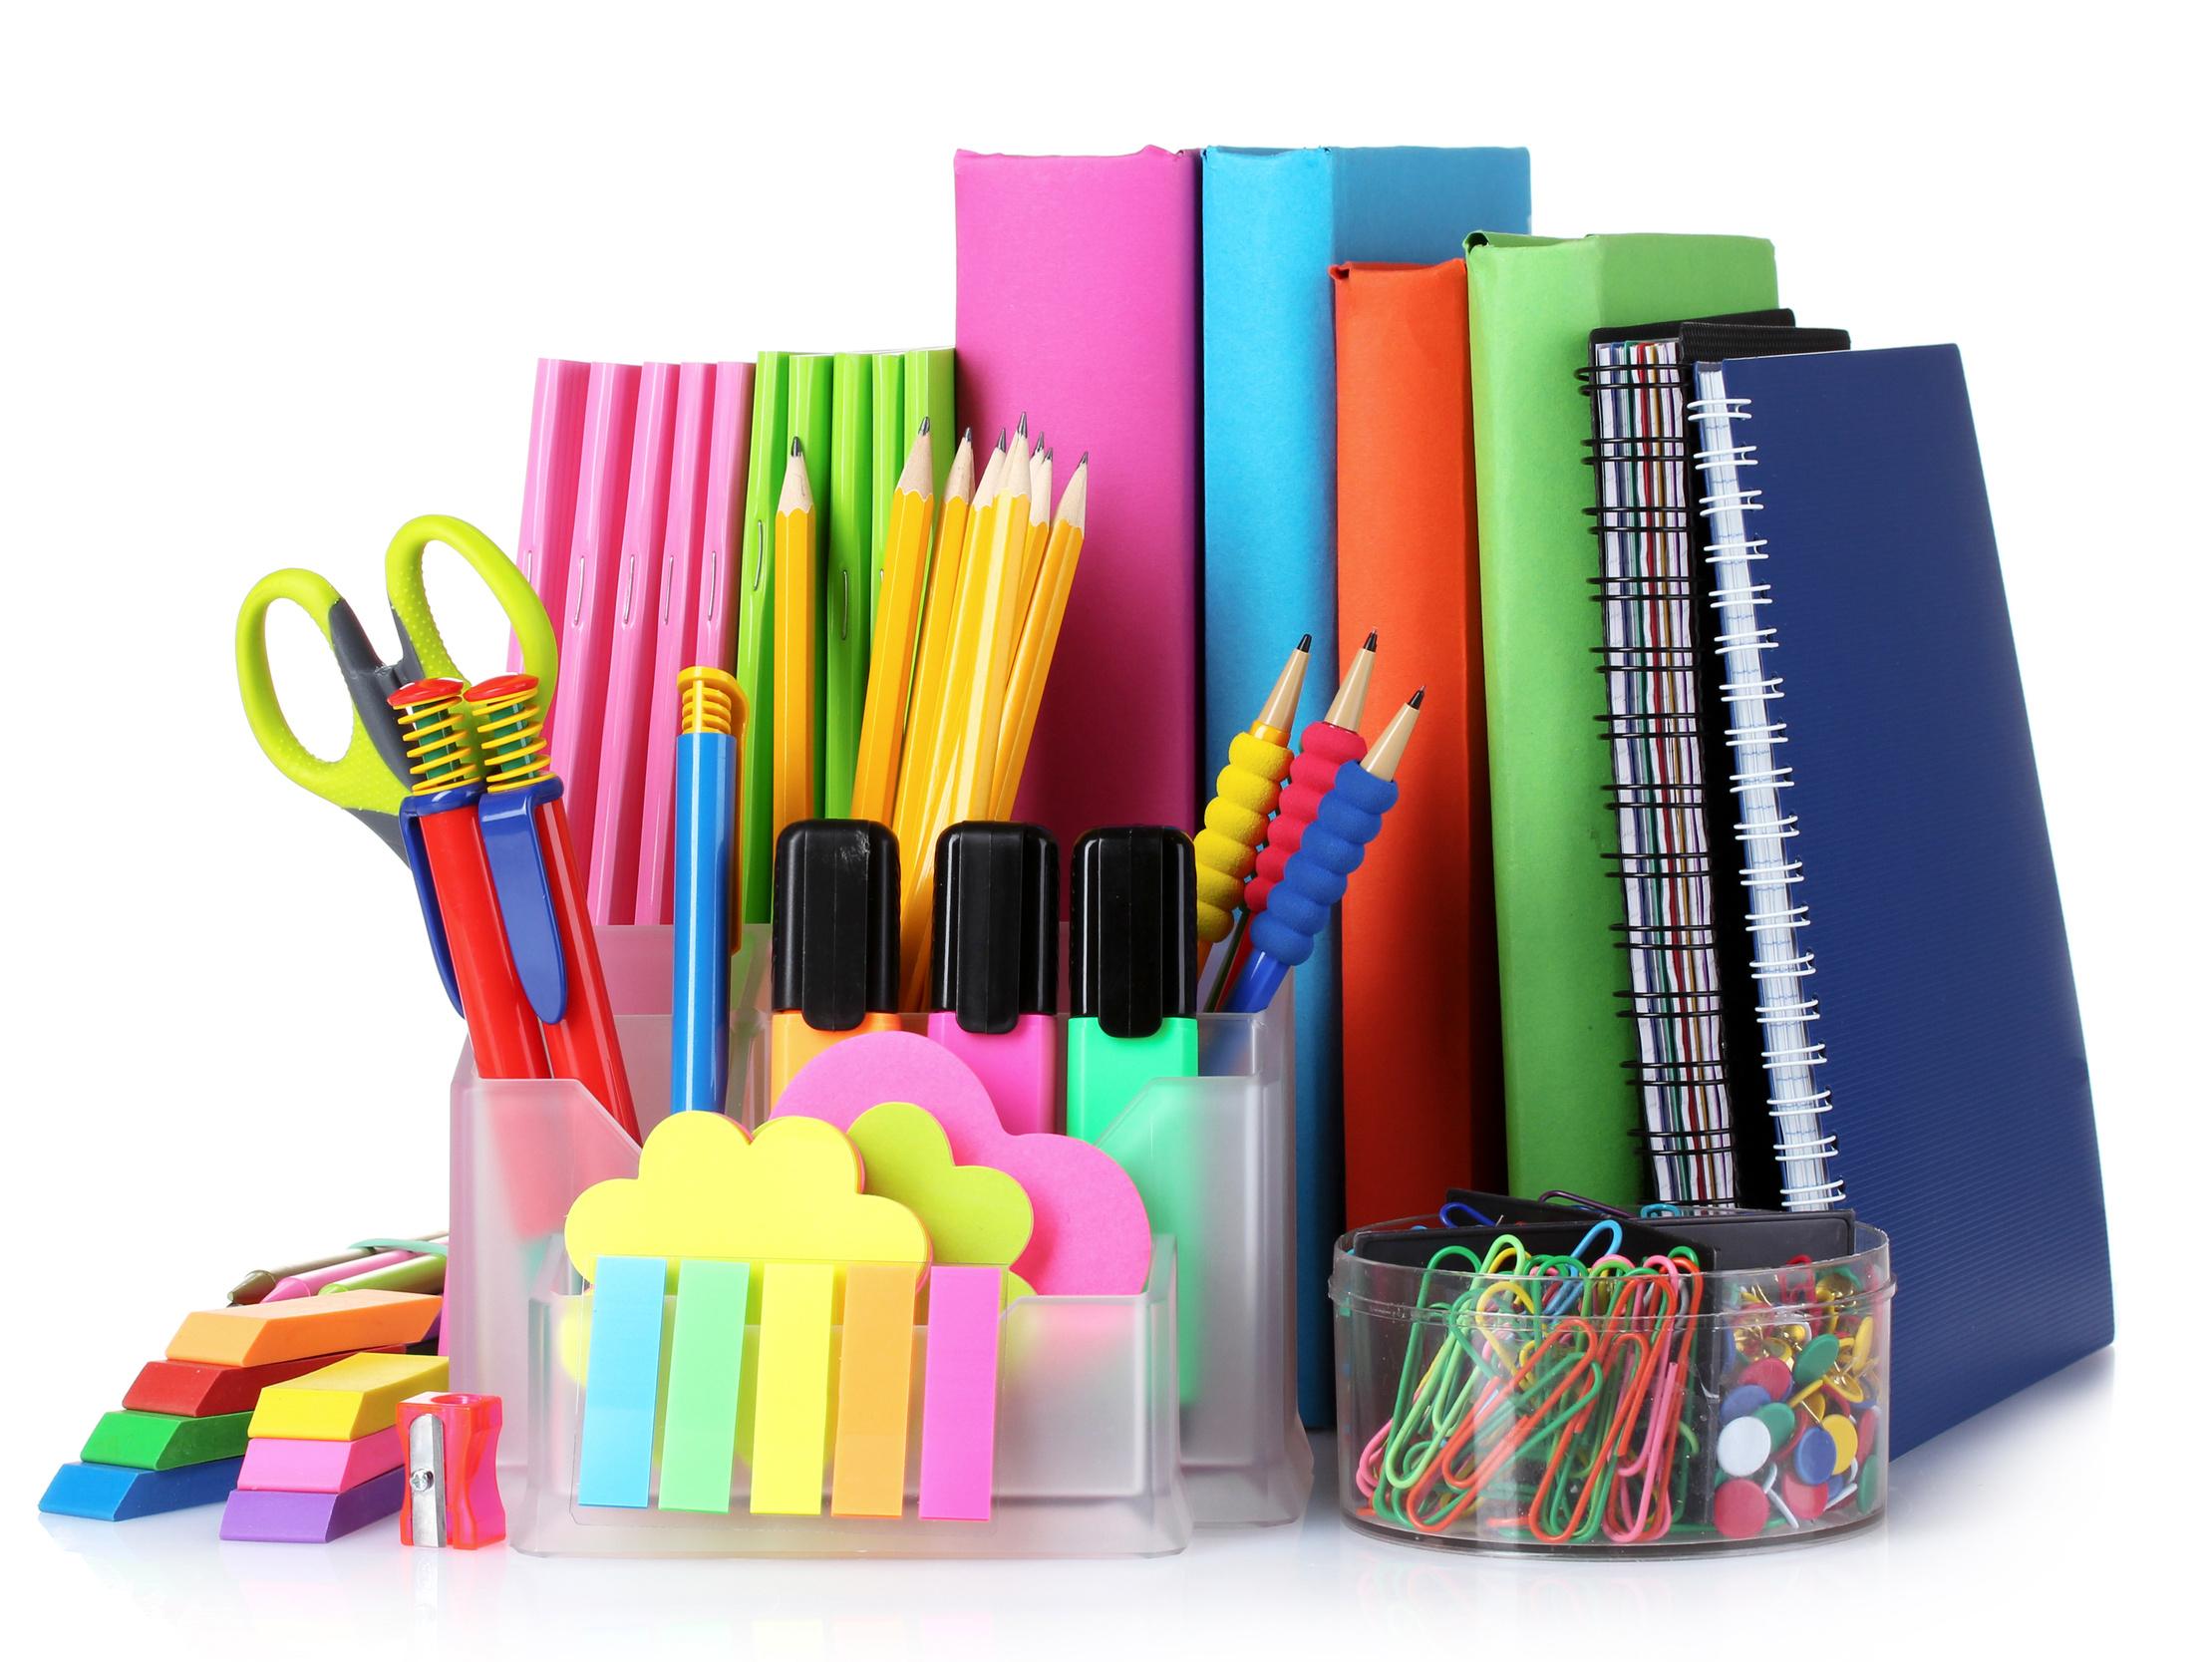 Сбор заказов. Канцелярские товары для дома, офиса, школы. Письменные и чертежные принадлежности, цветные карандаши, фломастеры, мелки и краски, ножницы, ластики, линейки, дыроколы, степлеры, блокноты, визитницы и многое другое! Выкуп 4.